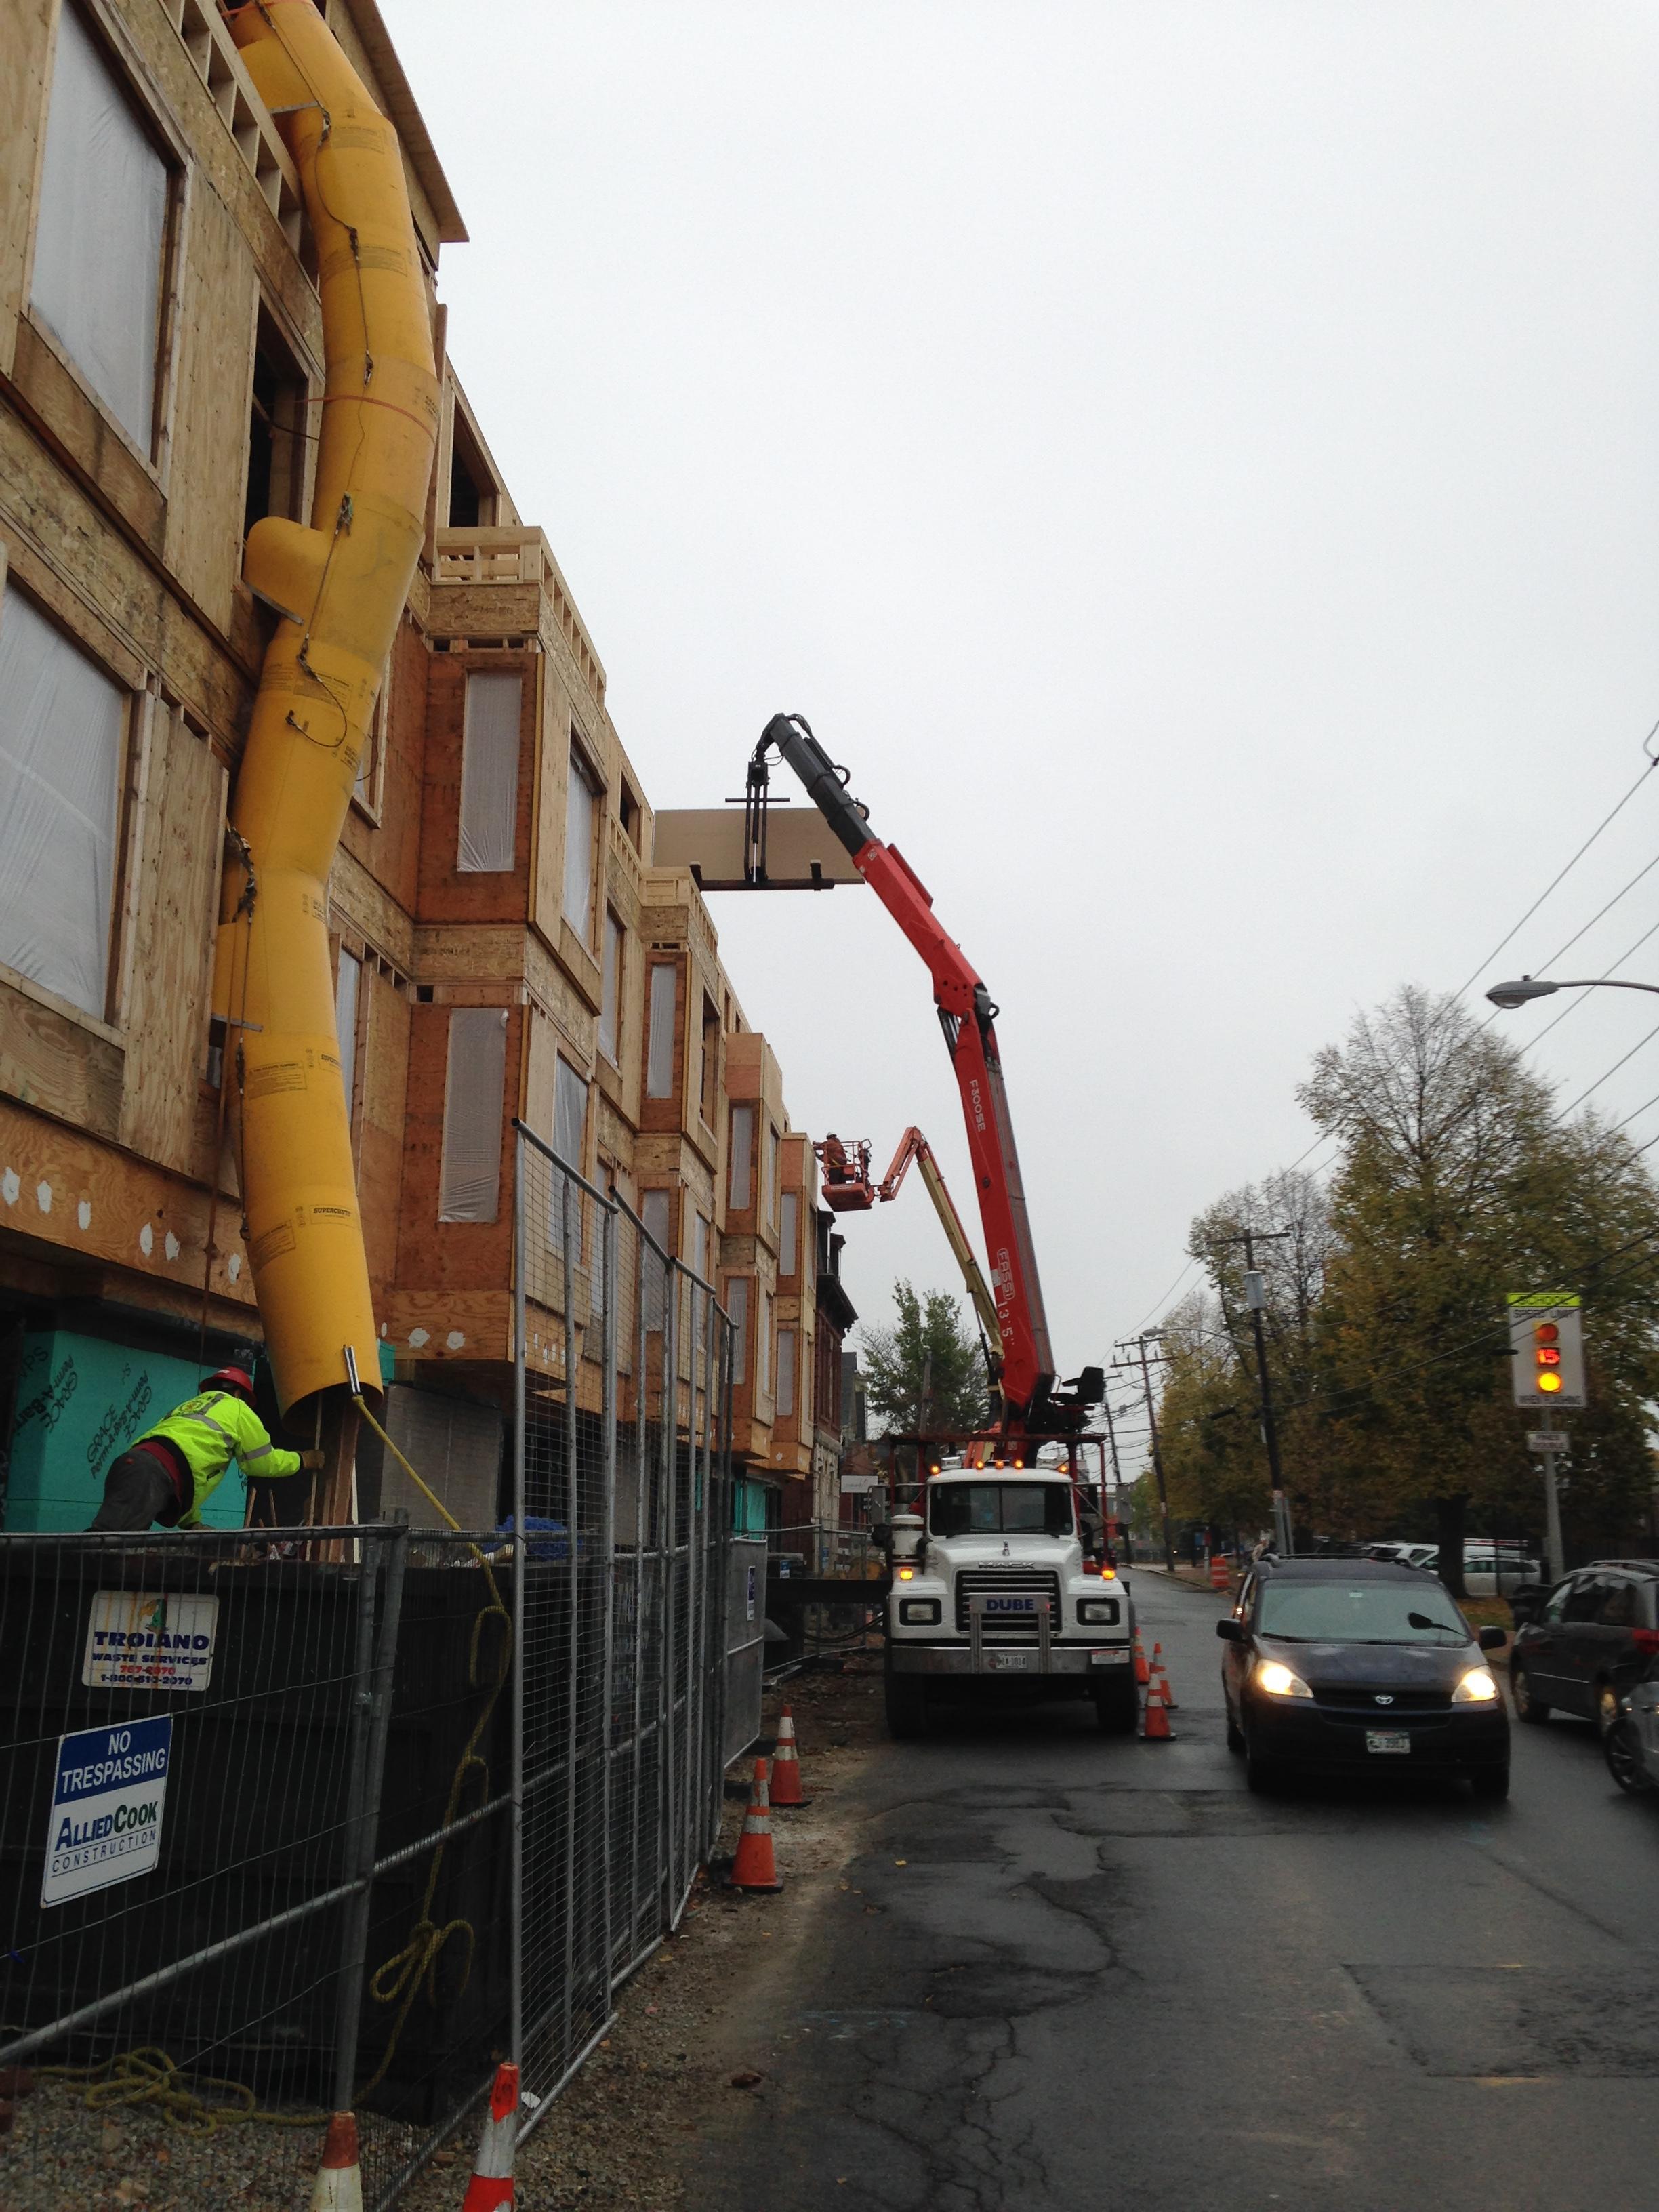 Dube's Drywall Supply Company, Inc. image 1